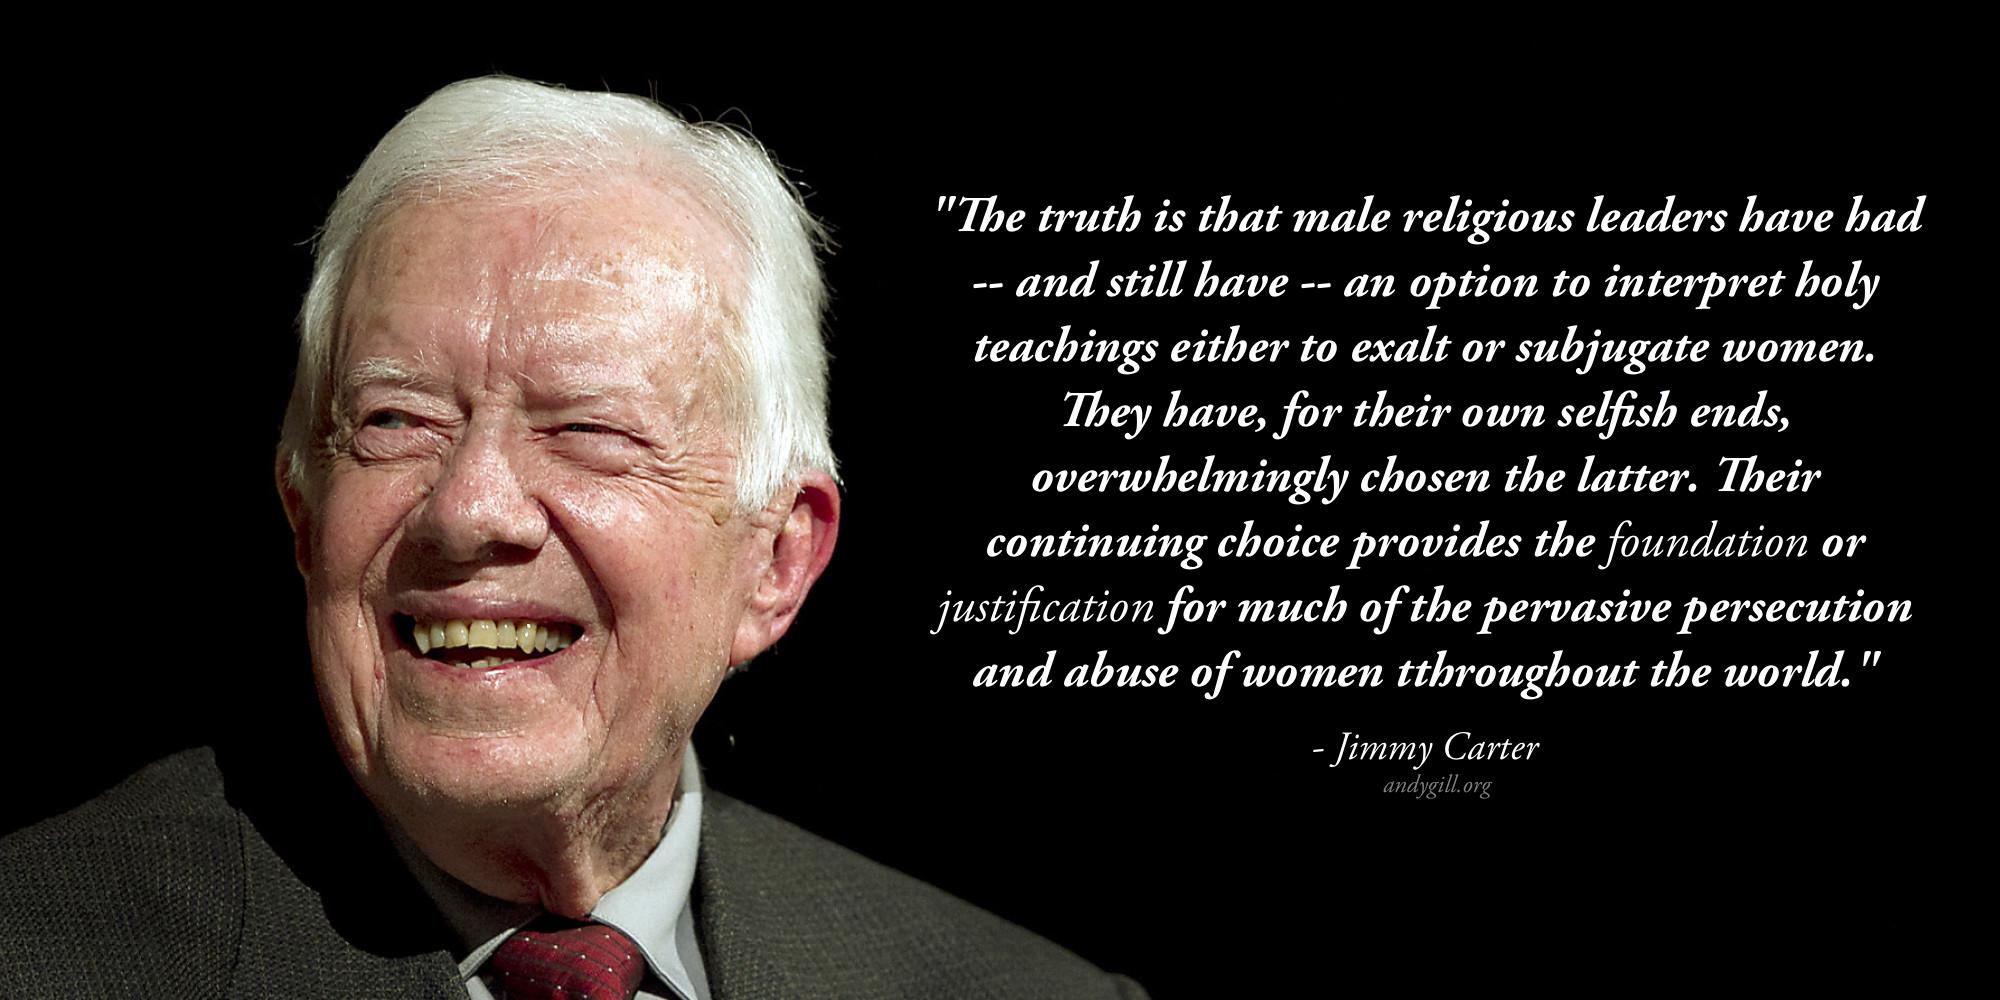 Jimmy Carter on Patriarchy